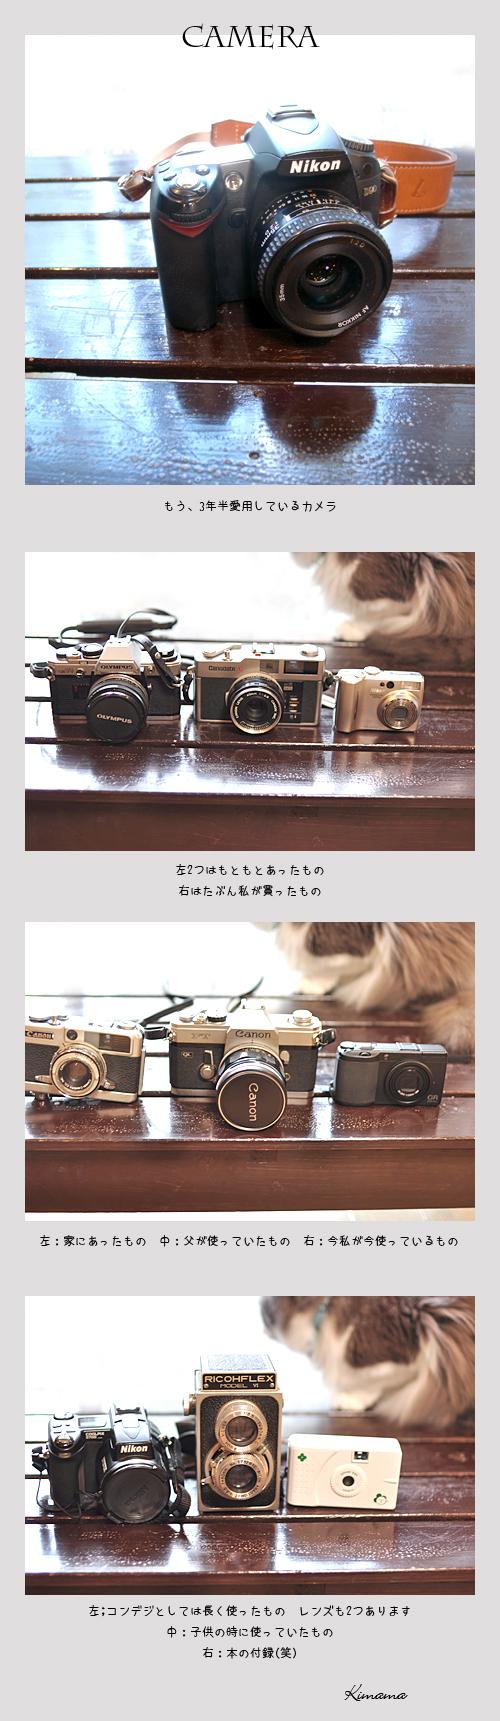 7月16日カメラ